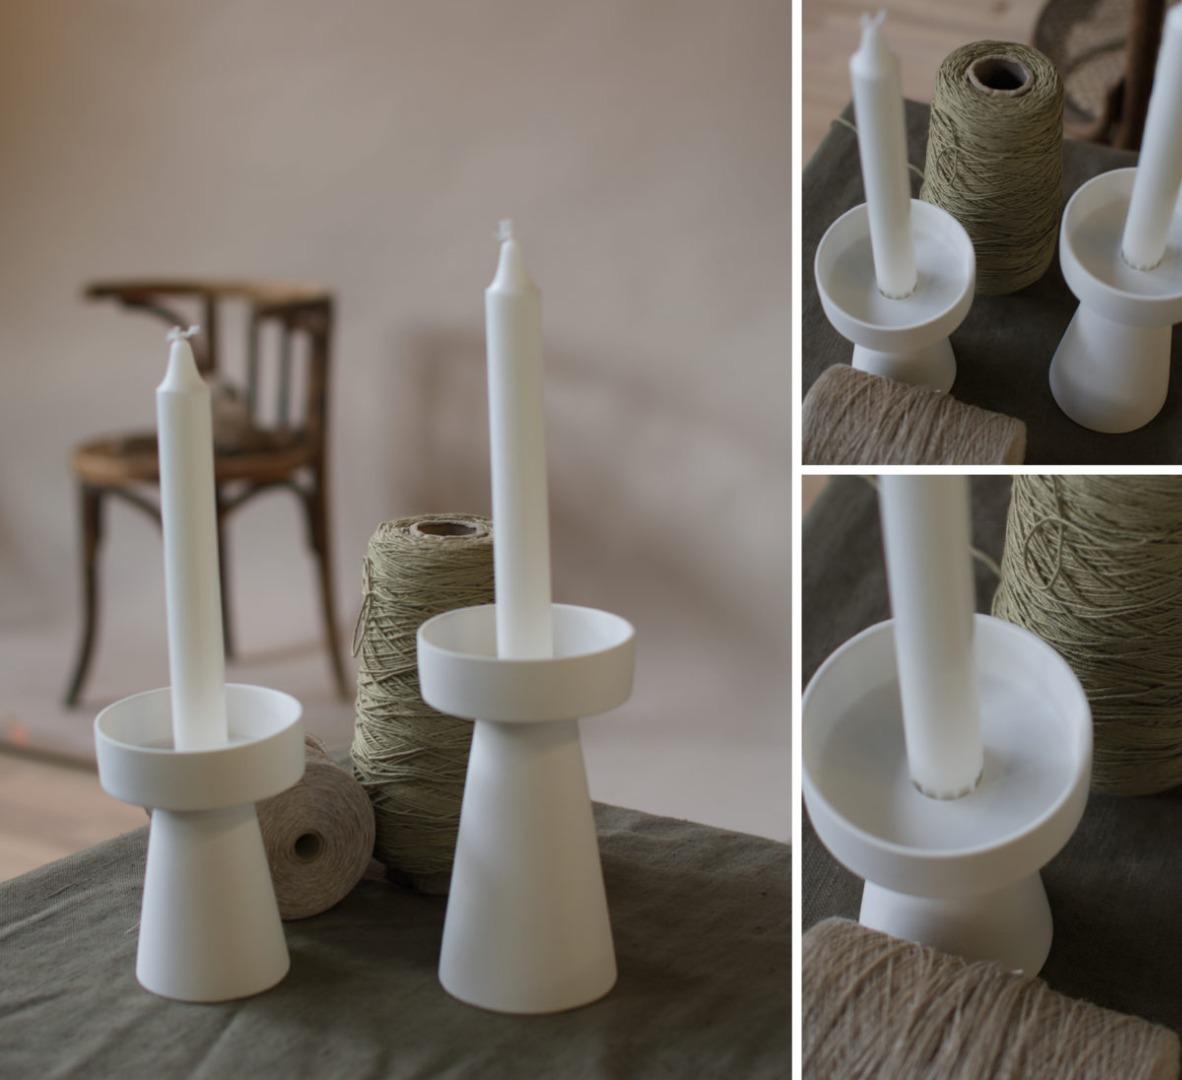 kleiner Kerzenhalter matt/weiß aus Keramik